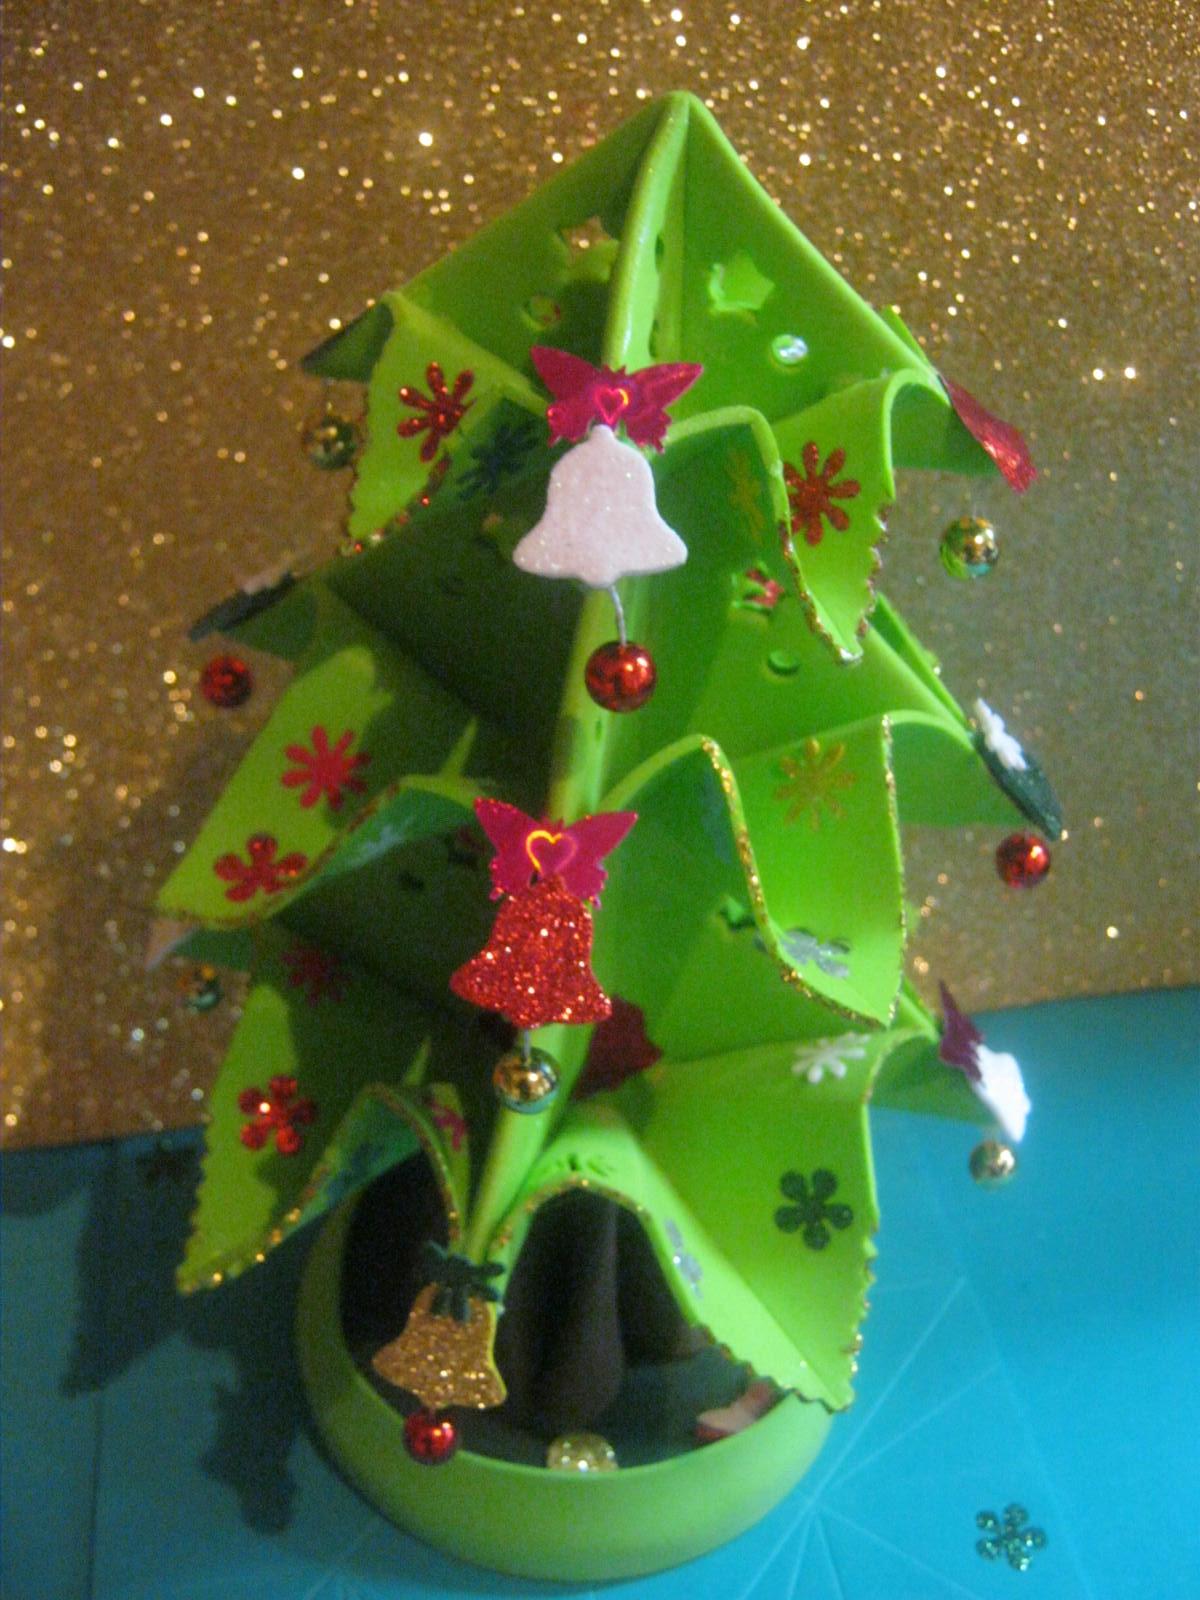 Mis fofuchas 2013 artfoamicol nuevo arbolito de navidad - Arbolito de navidad ...